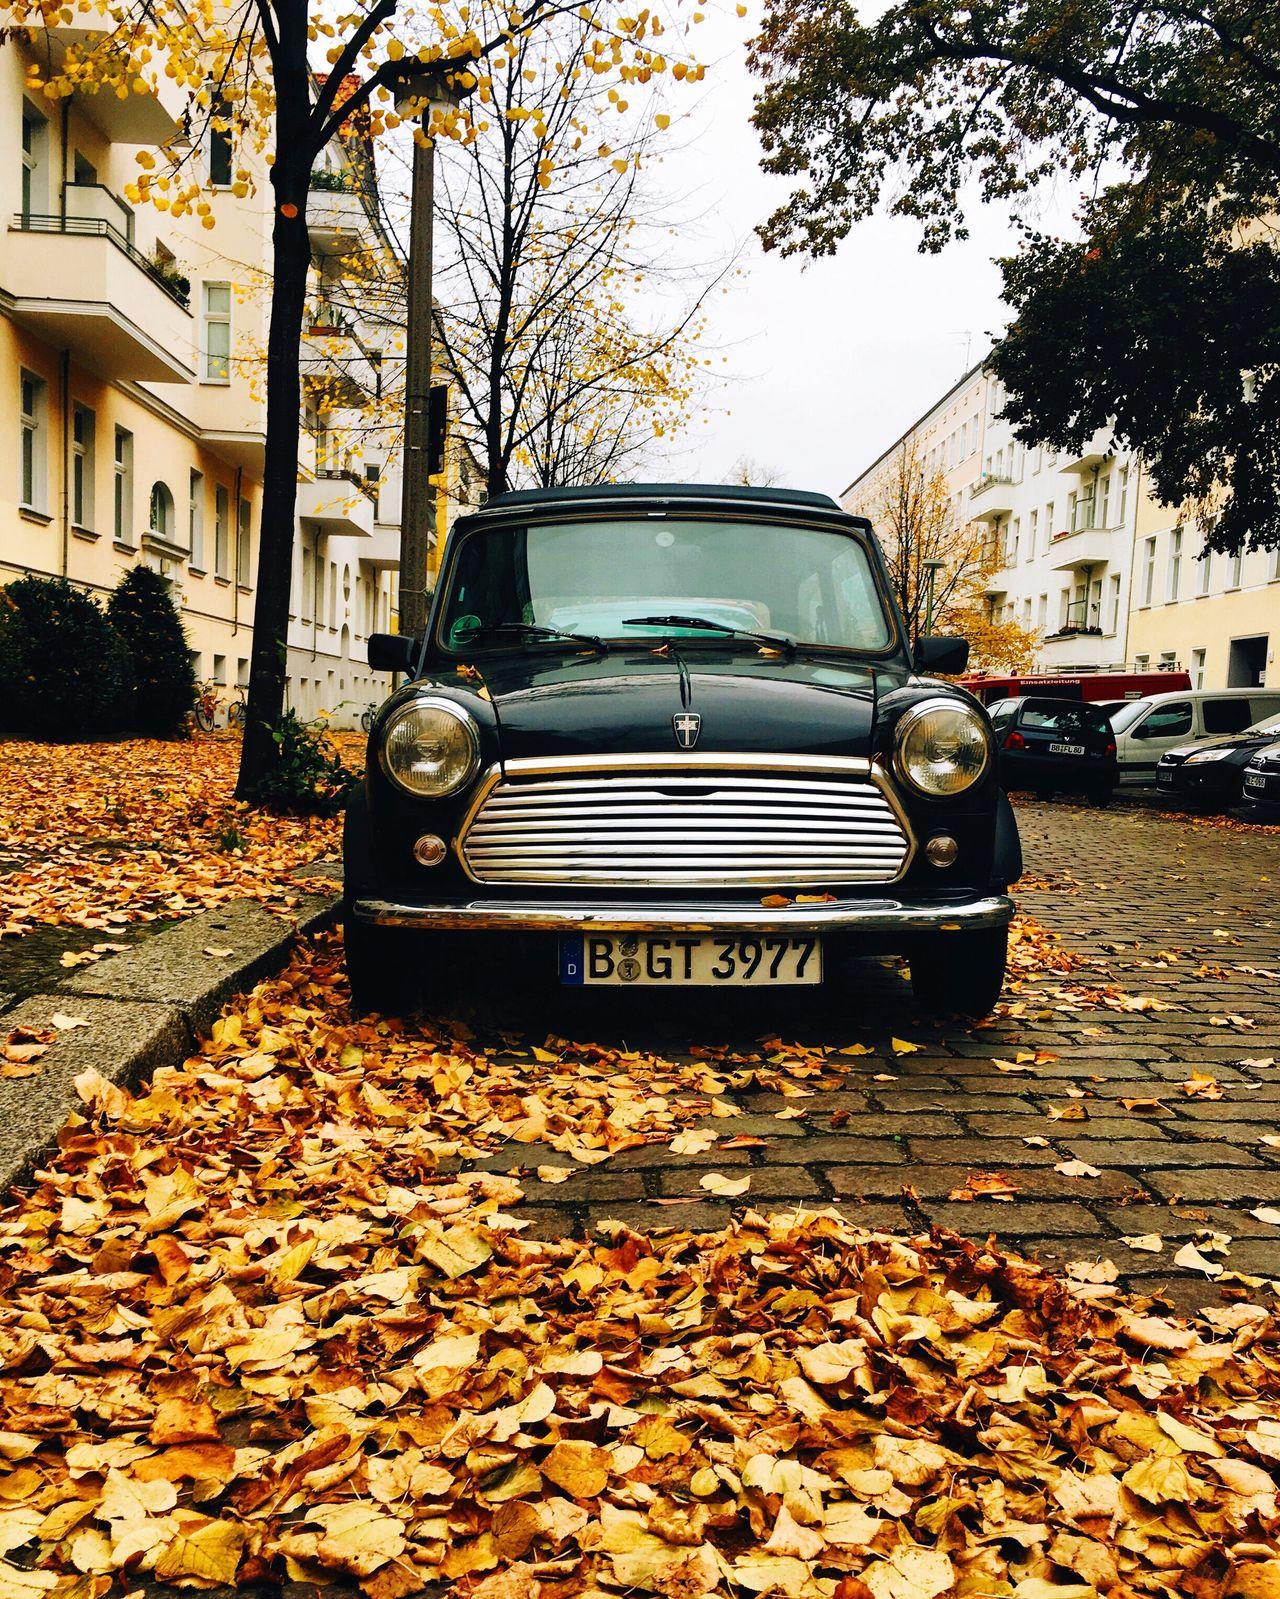 Mini in Berlin Leaf Autumn Transportation Tree Outdoors Car Mini German Transportation